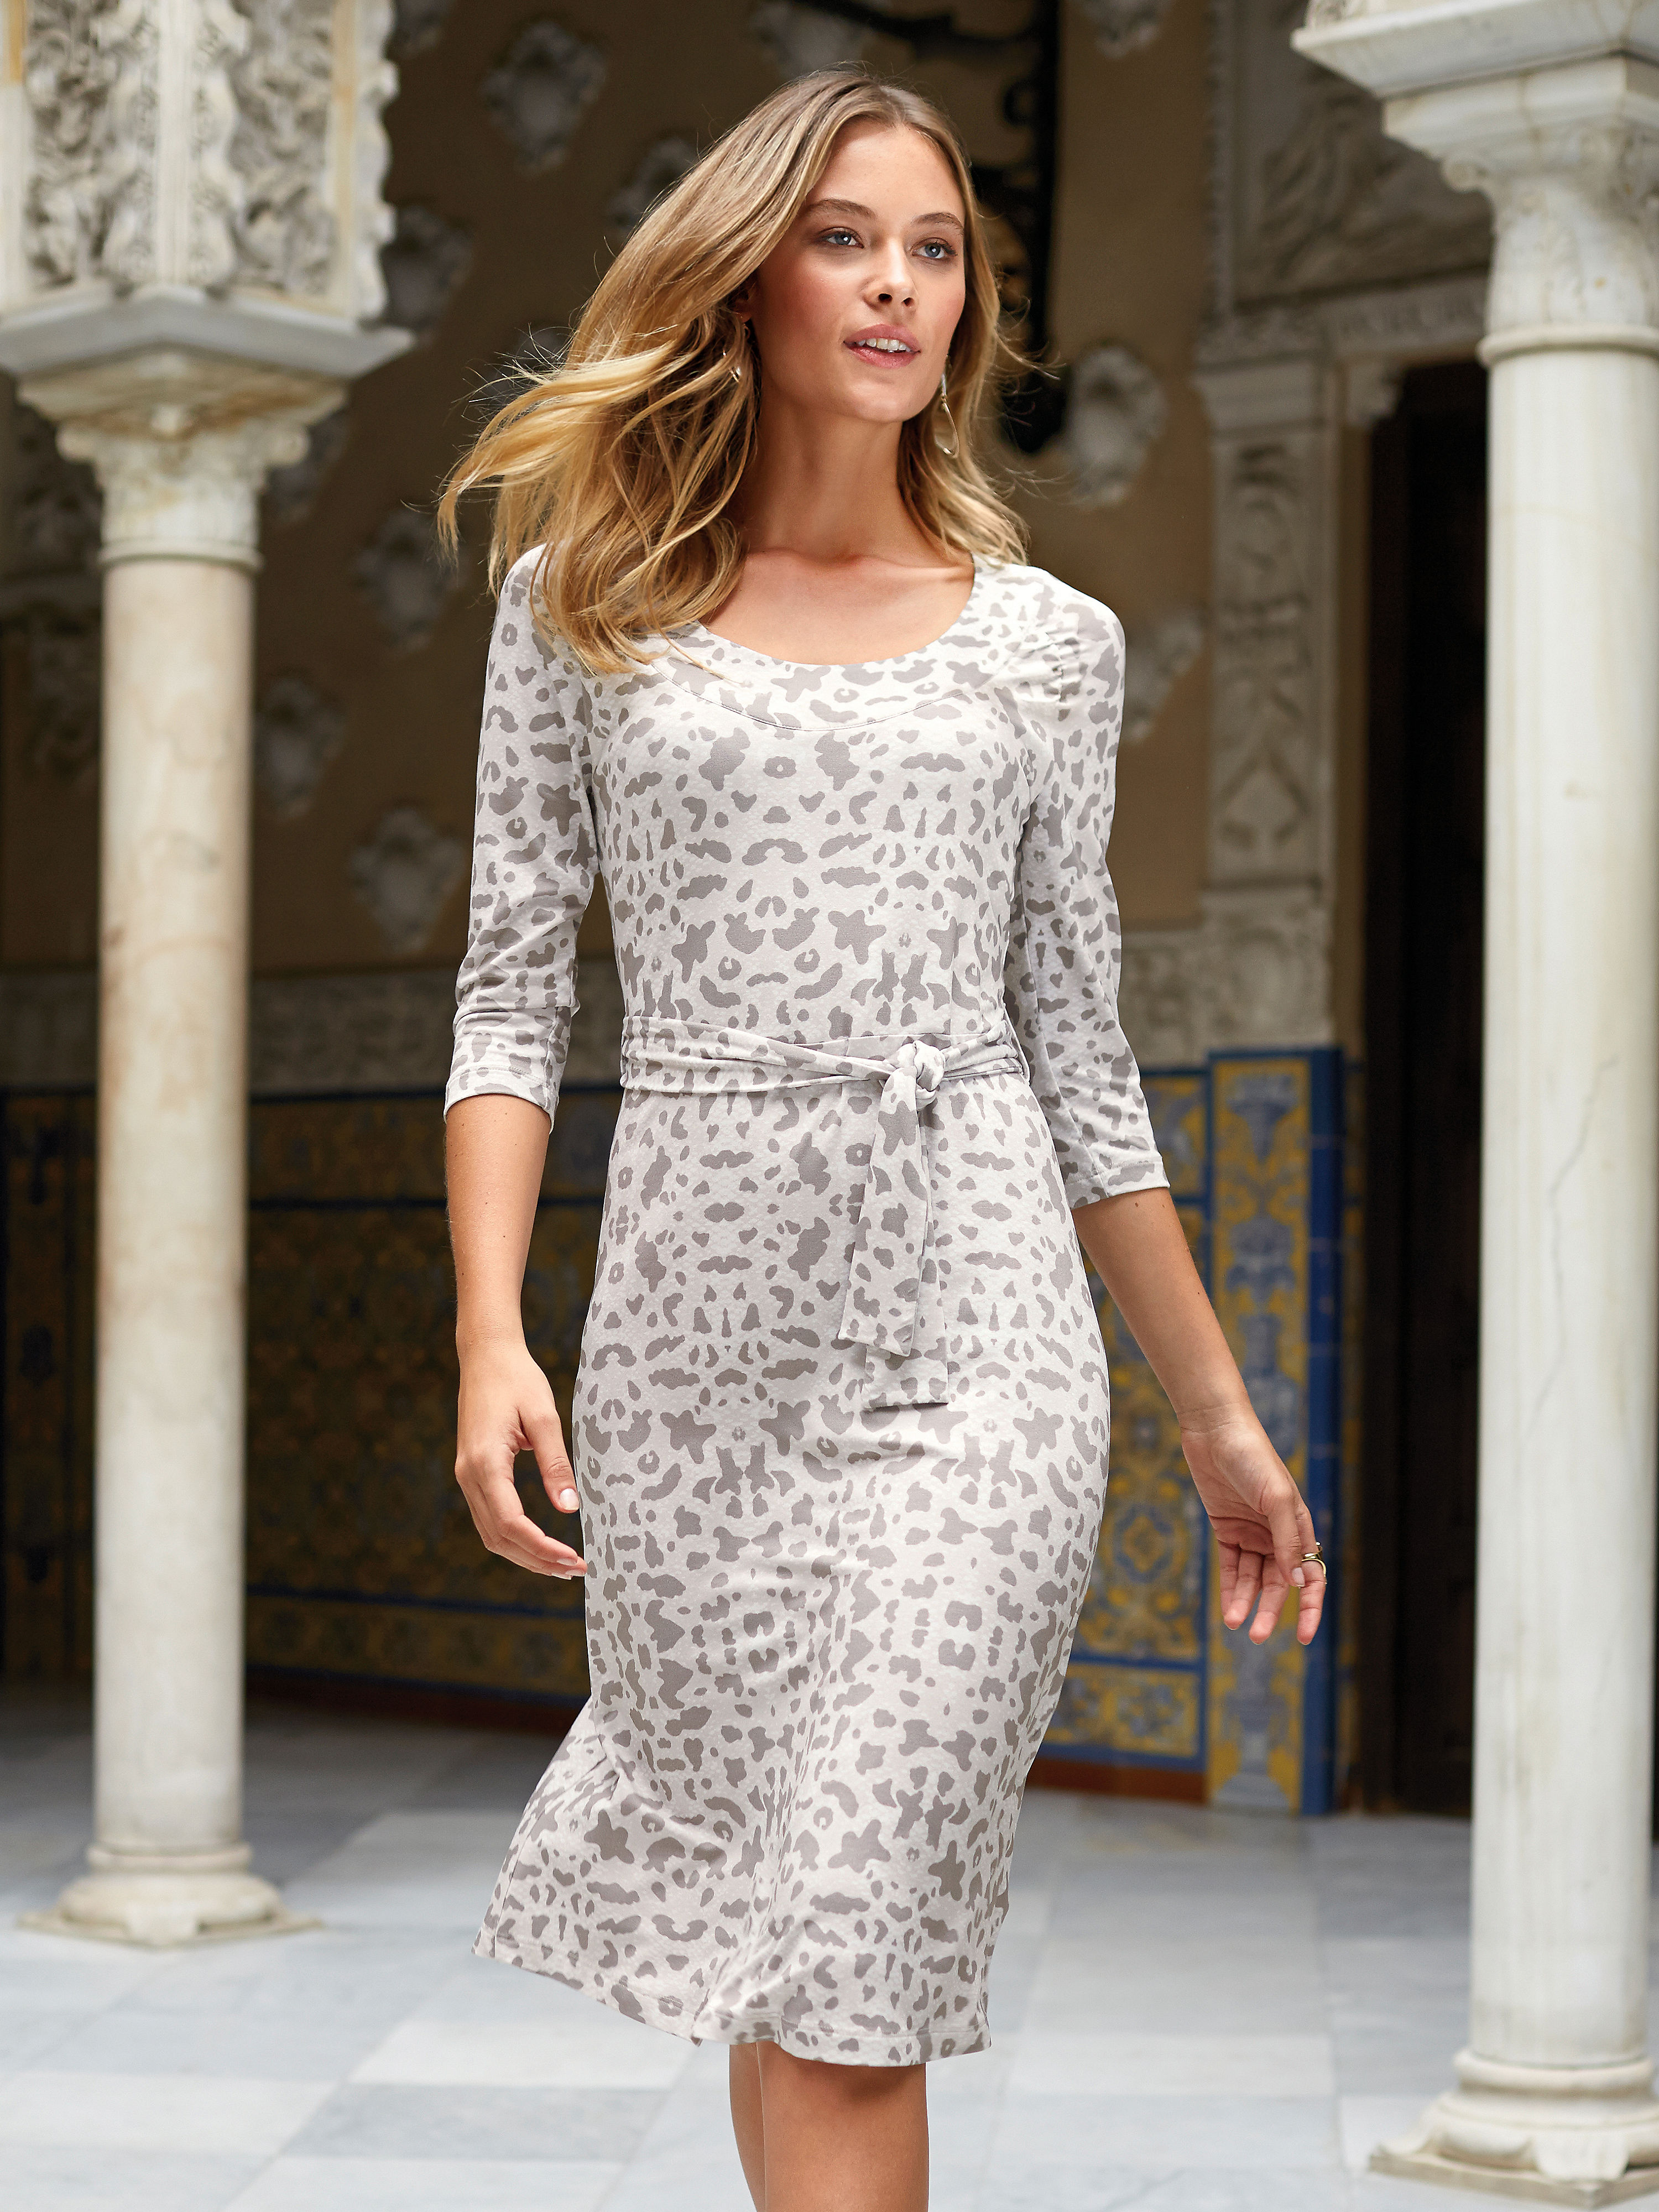 b2e051f2a17 Jersey dress with 3 4-length sleeves Uta Raasch vanilla size  20